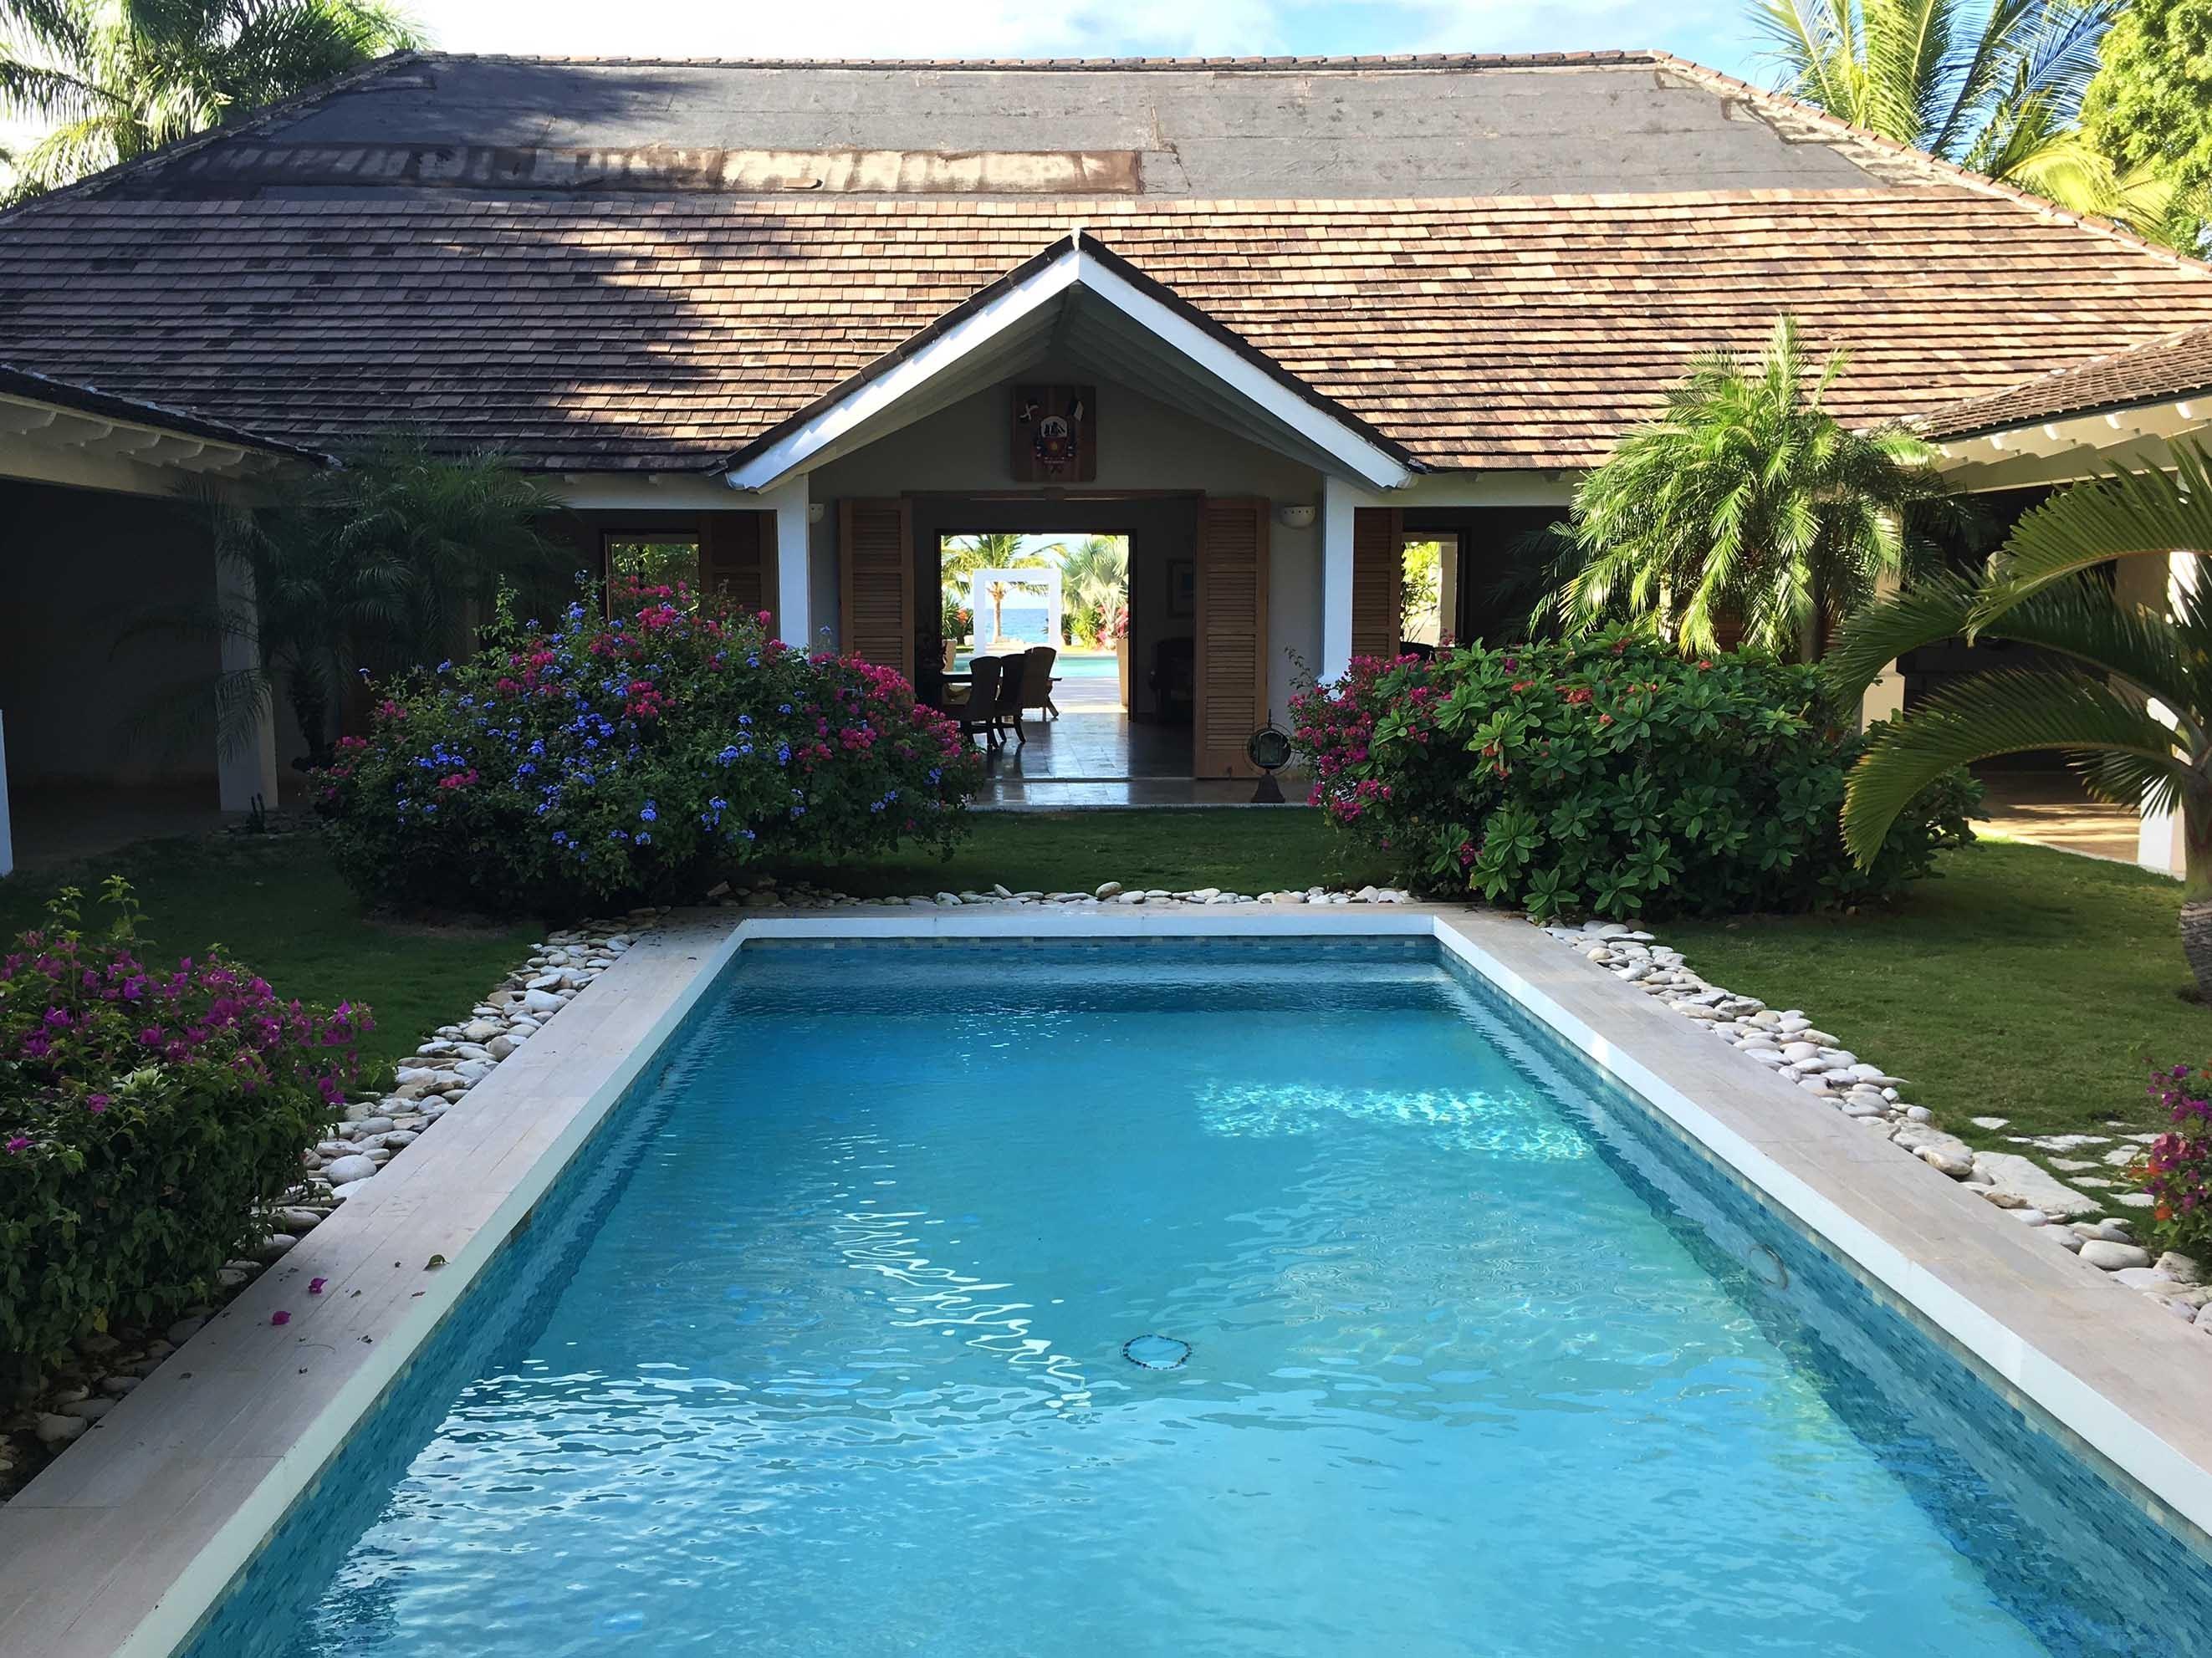 Tracadero, riflesso del paradiso - Turistico Residenziale